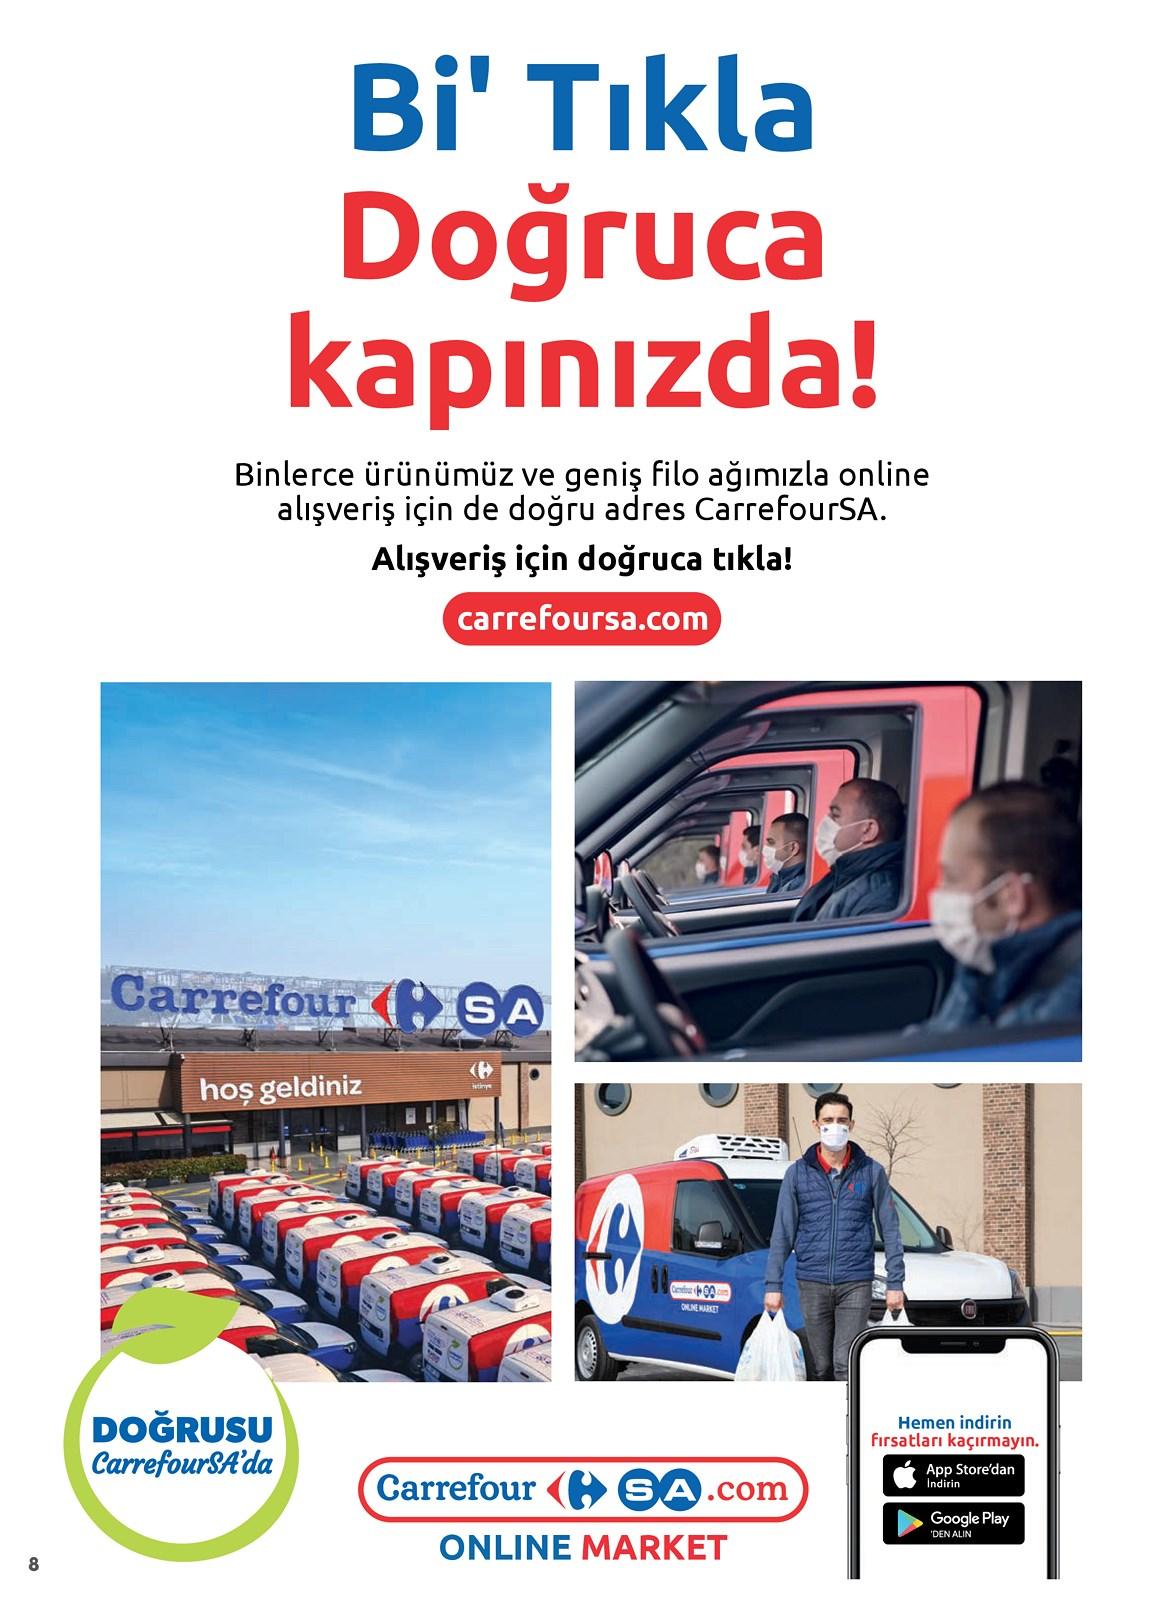 11.10.2021 CarrefourSA broşürü 8. sayfa